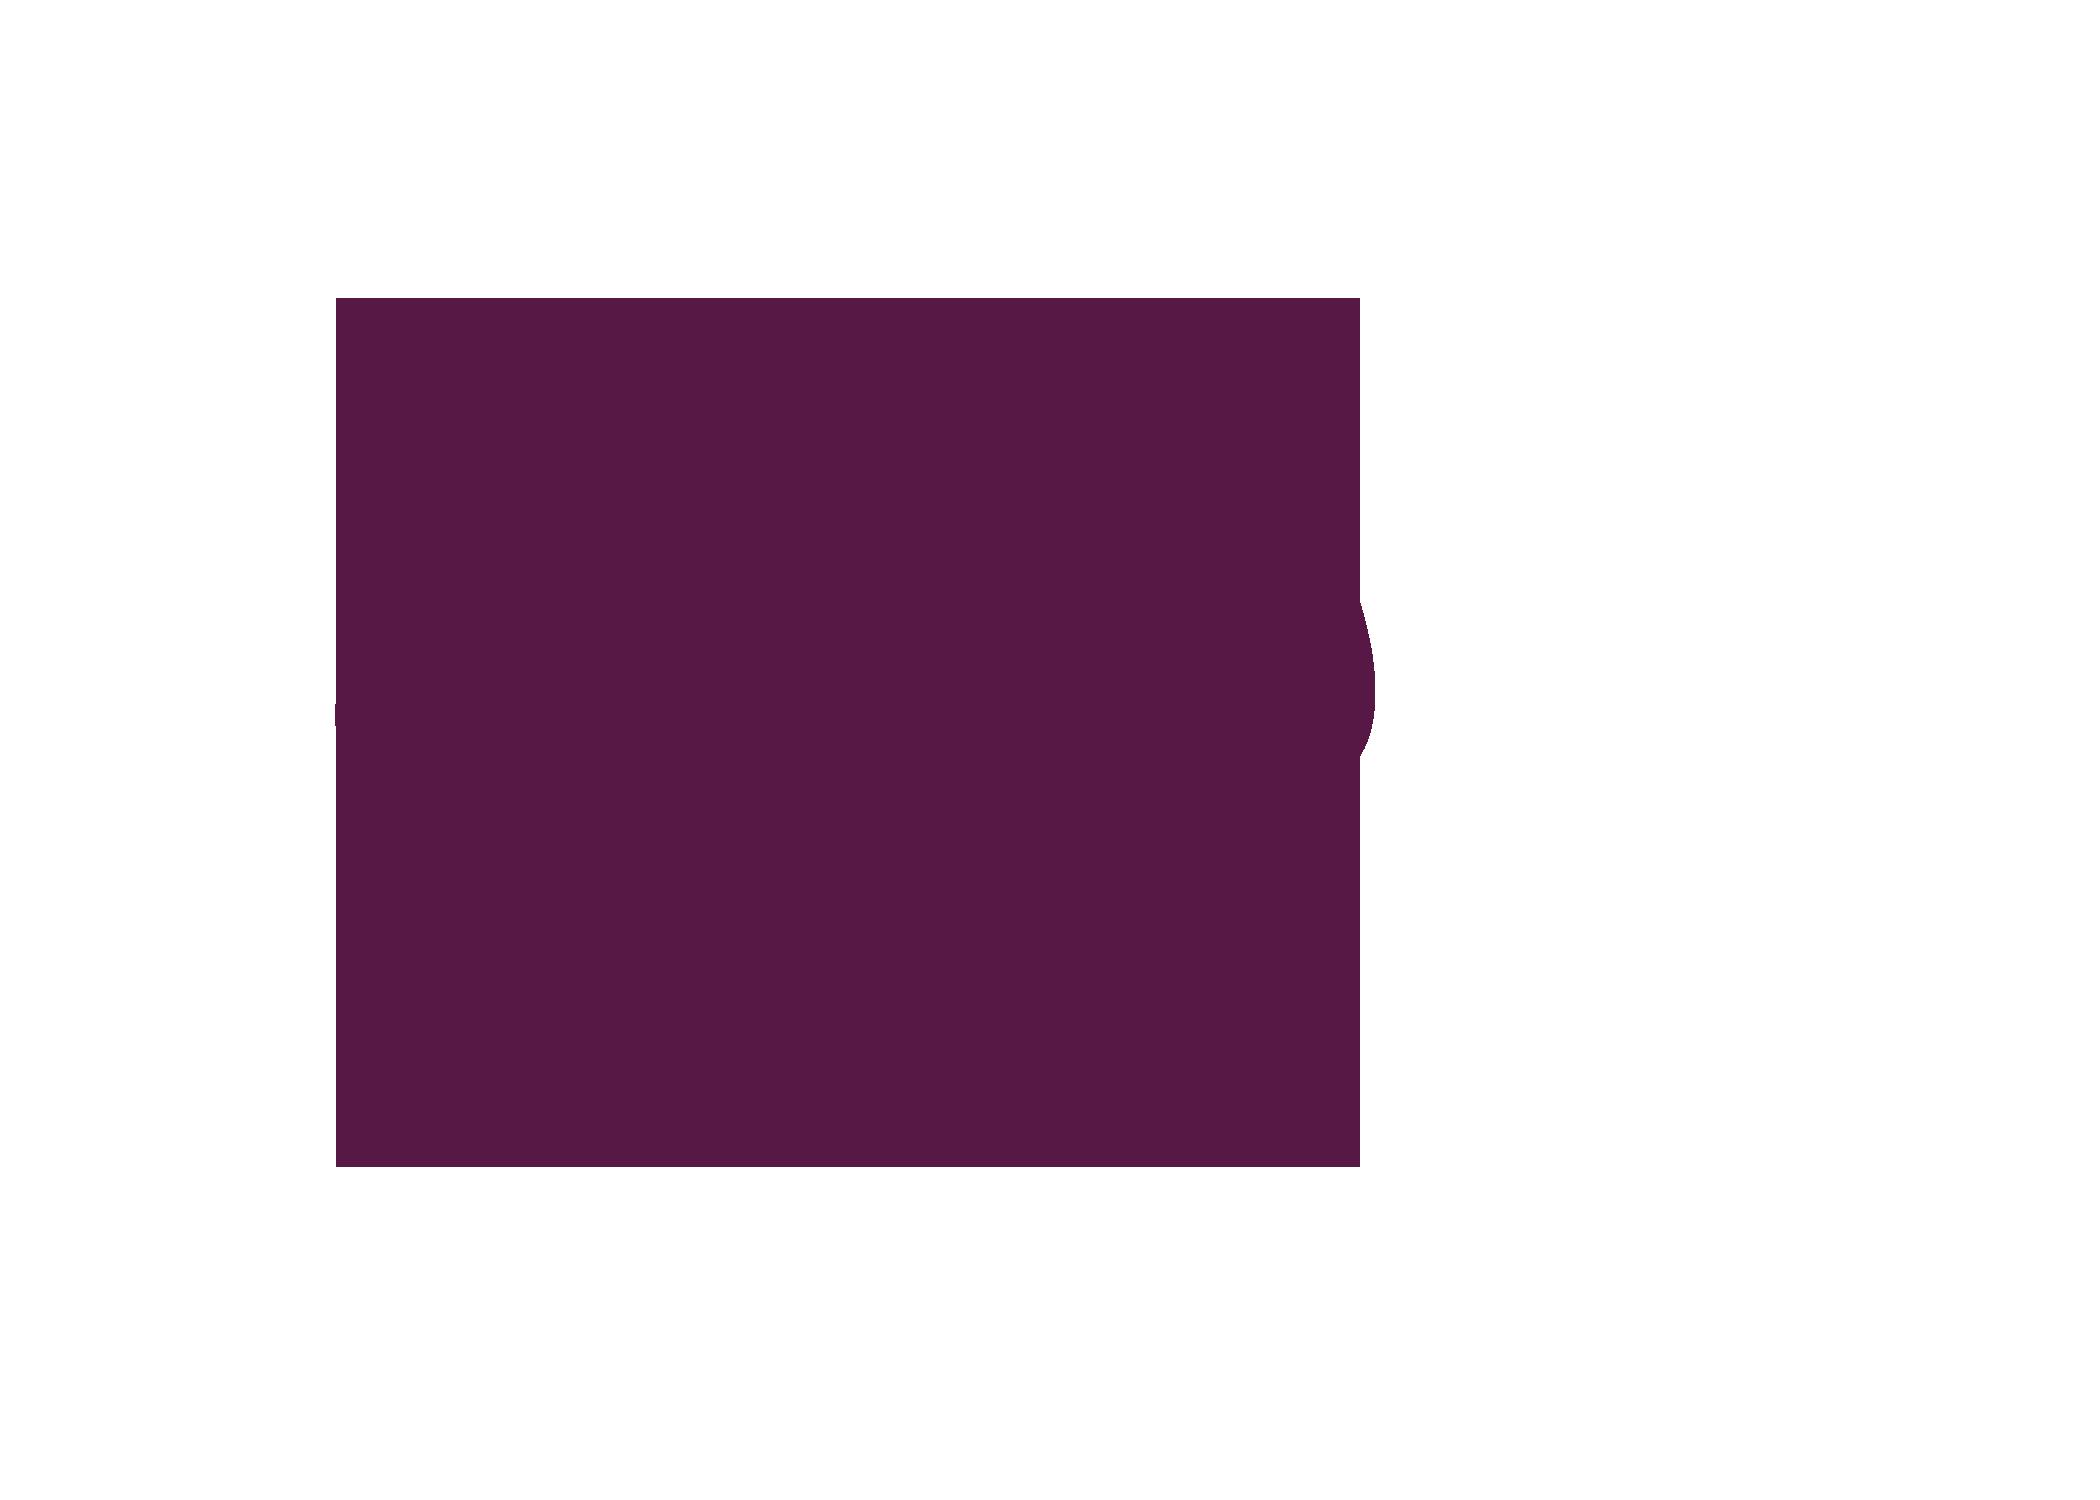 edyoda